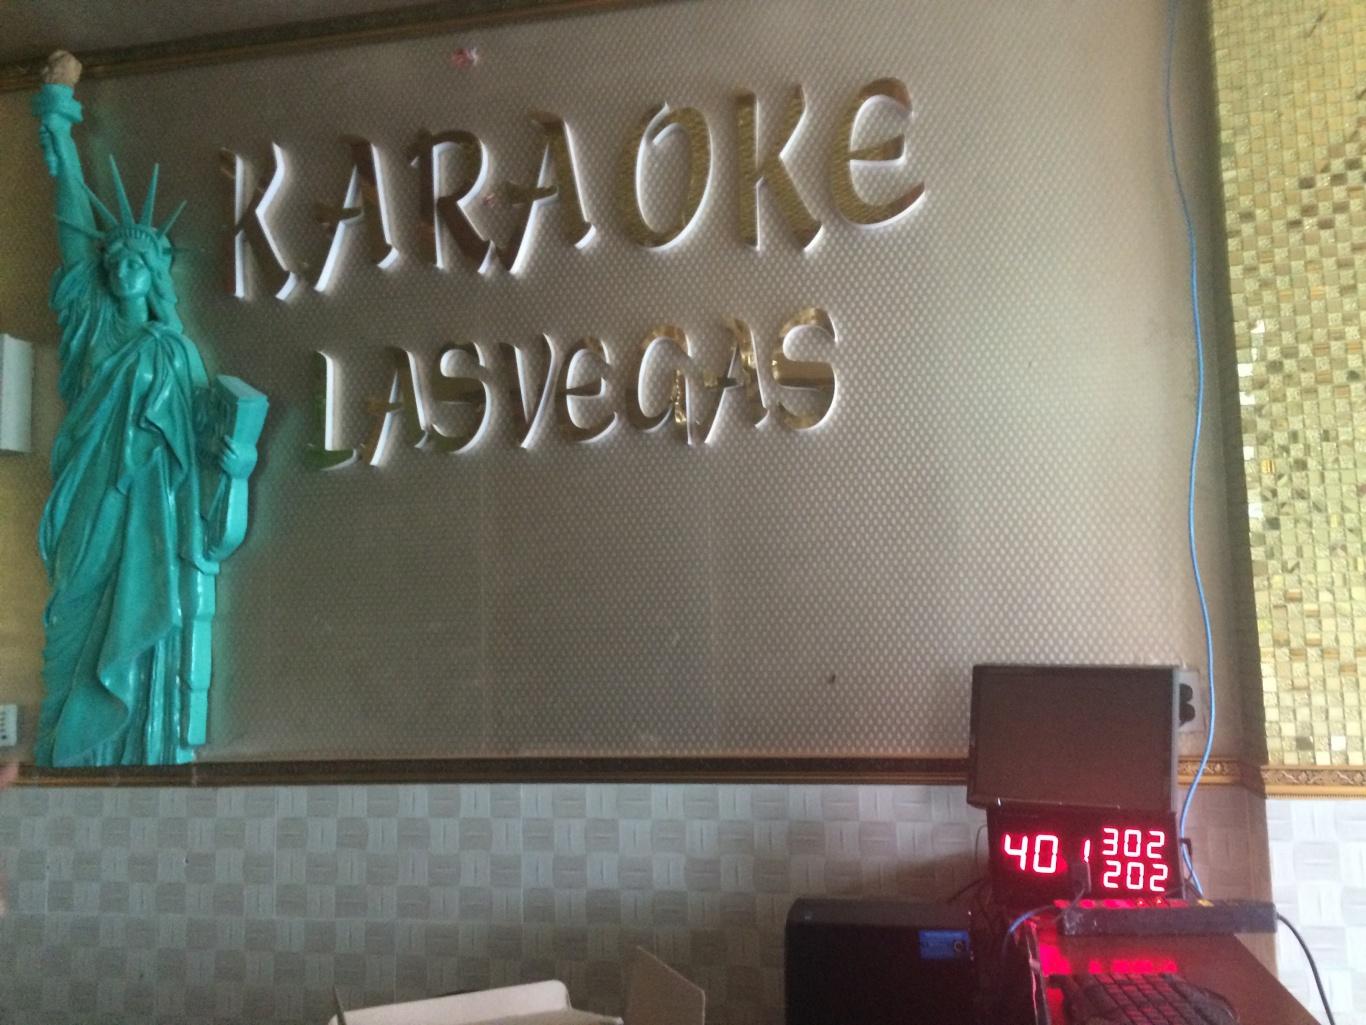 màn hiển thị chuông gọi phục vụ tại quán karaoke